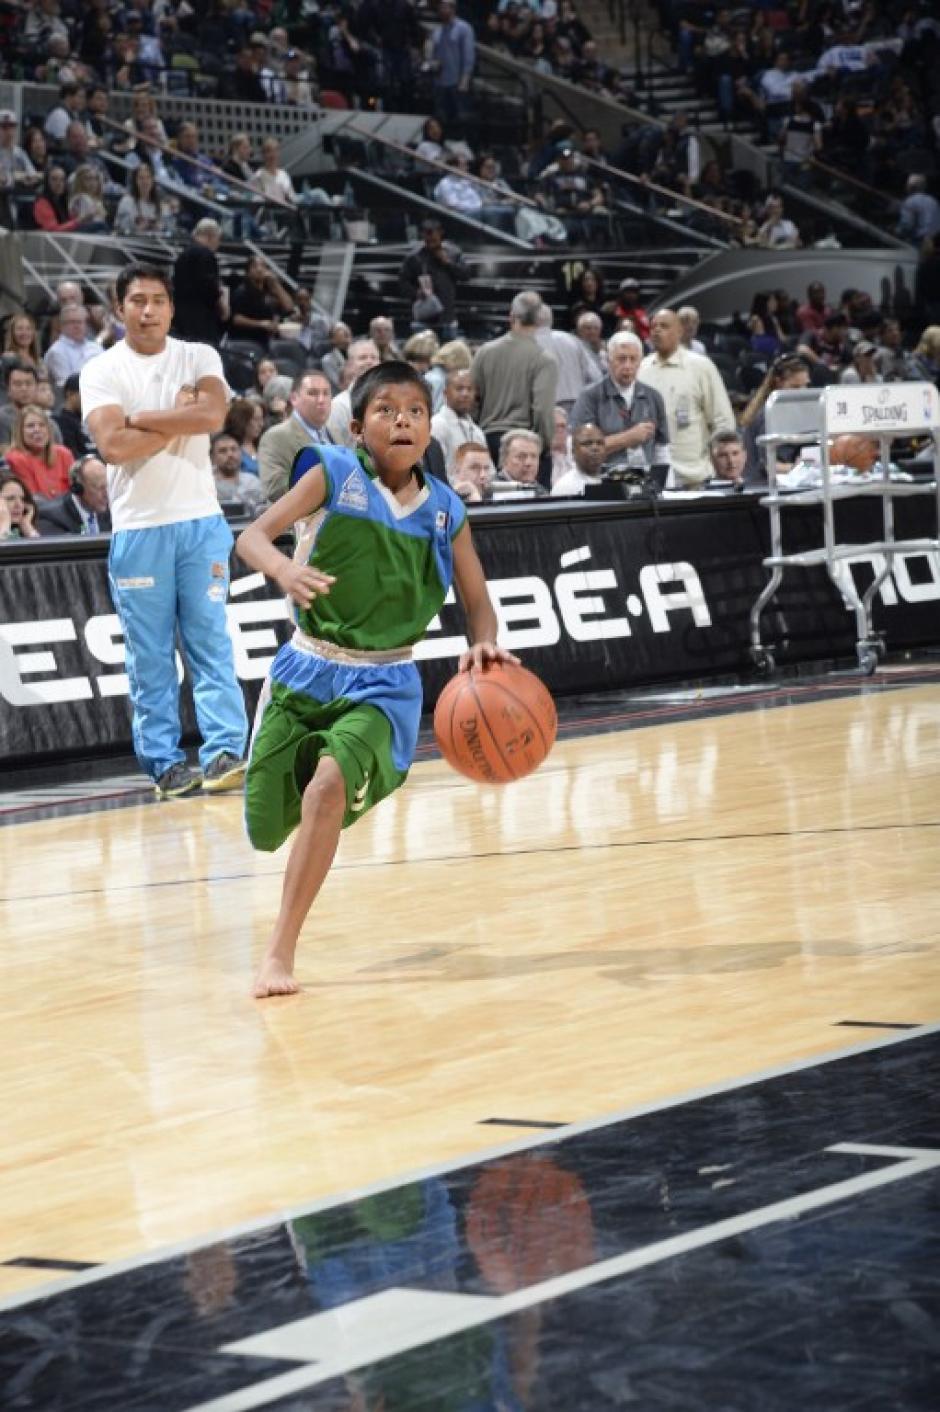 Los pequeños siguen cumpliendo sus sueños a través del baloncesto a pesar de vivir en zonas precarias de Oaxaca. (Foto: AFP)